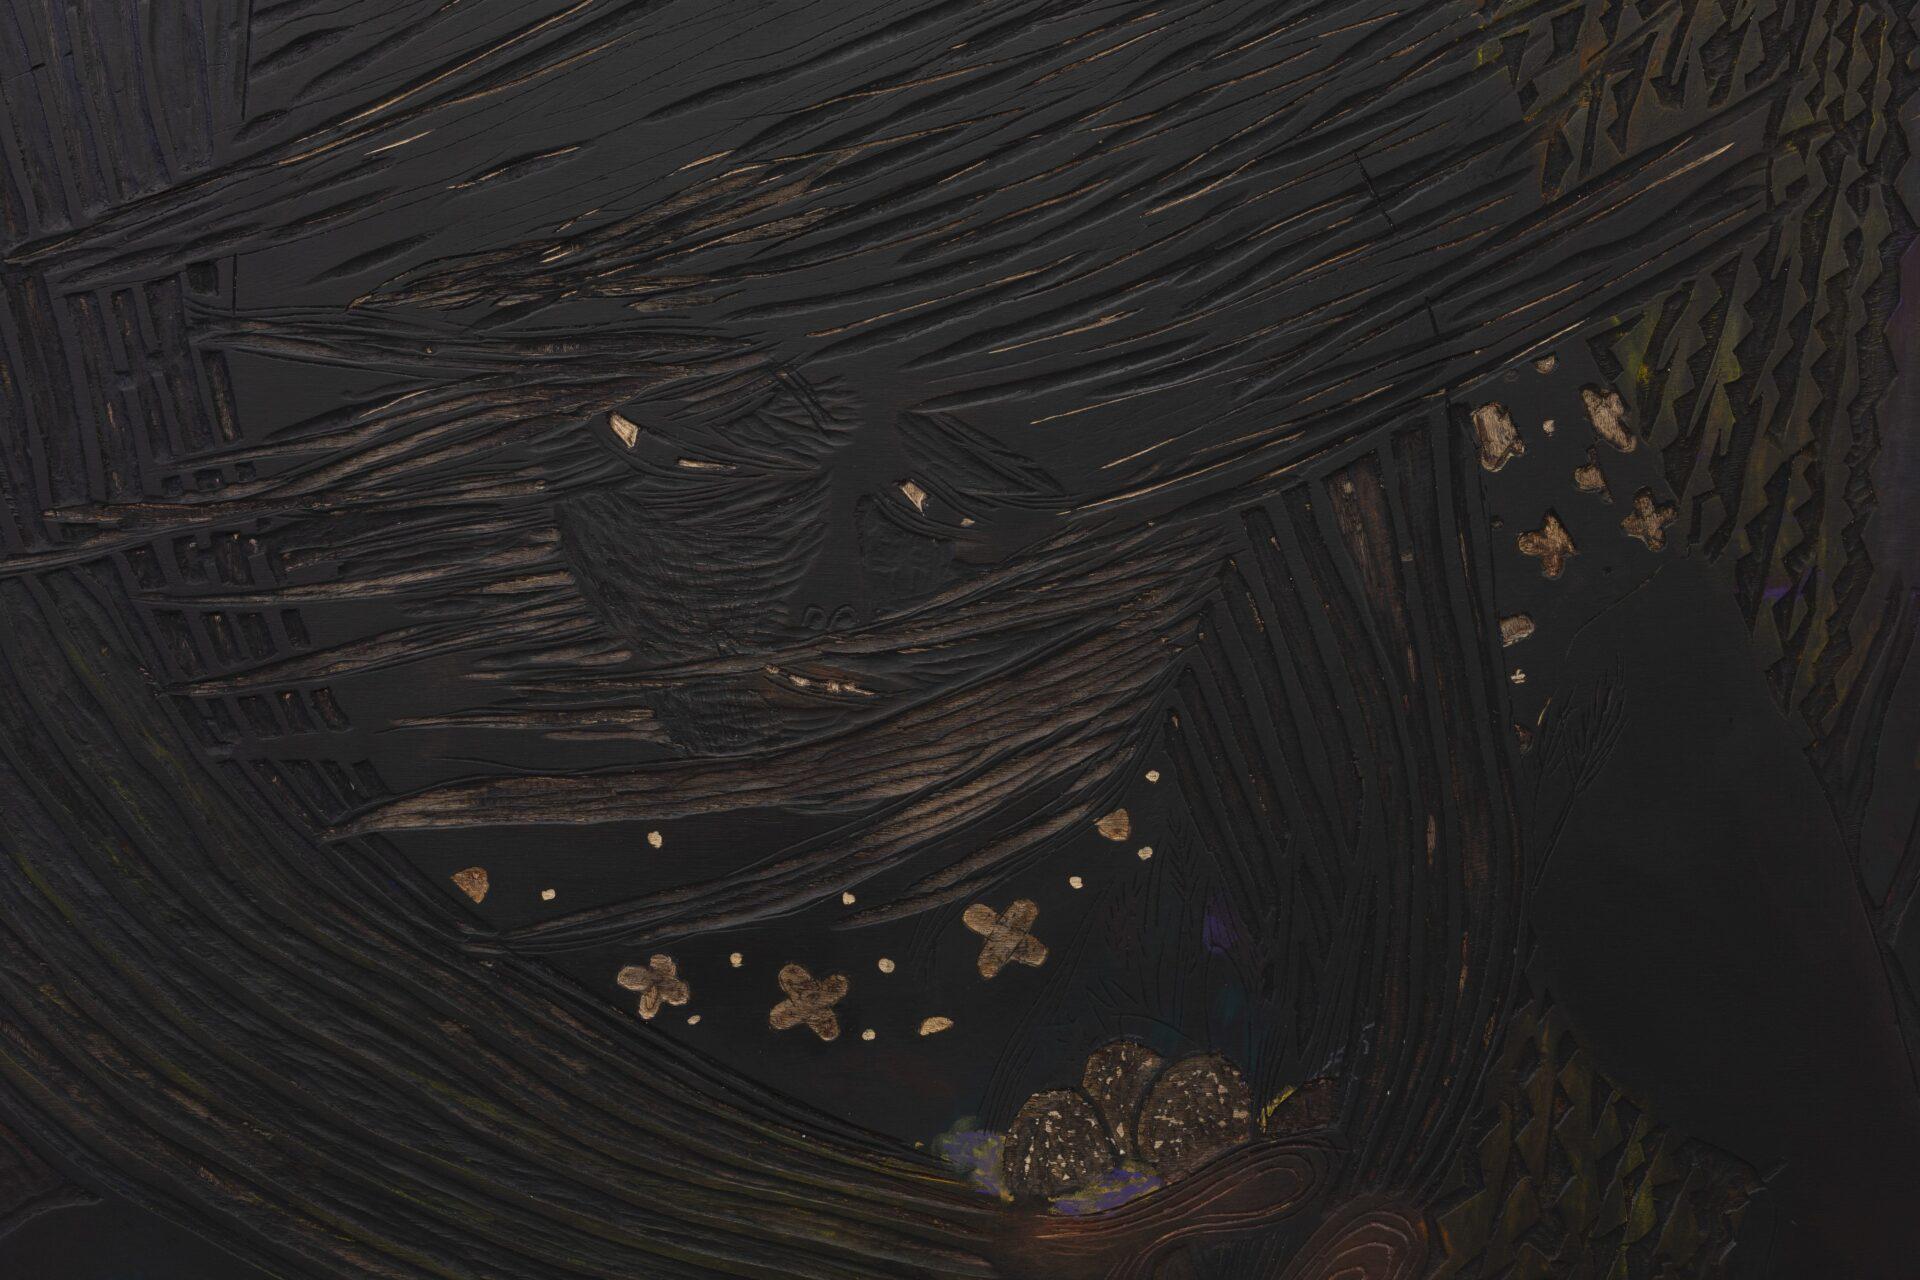 birdnester (detail)